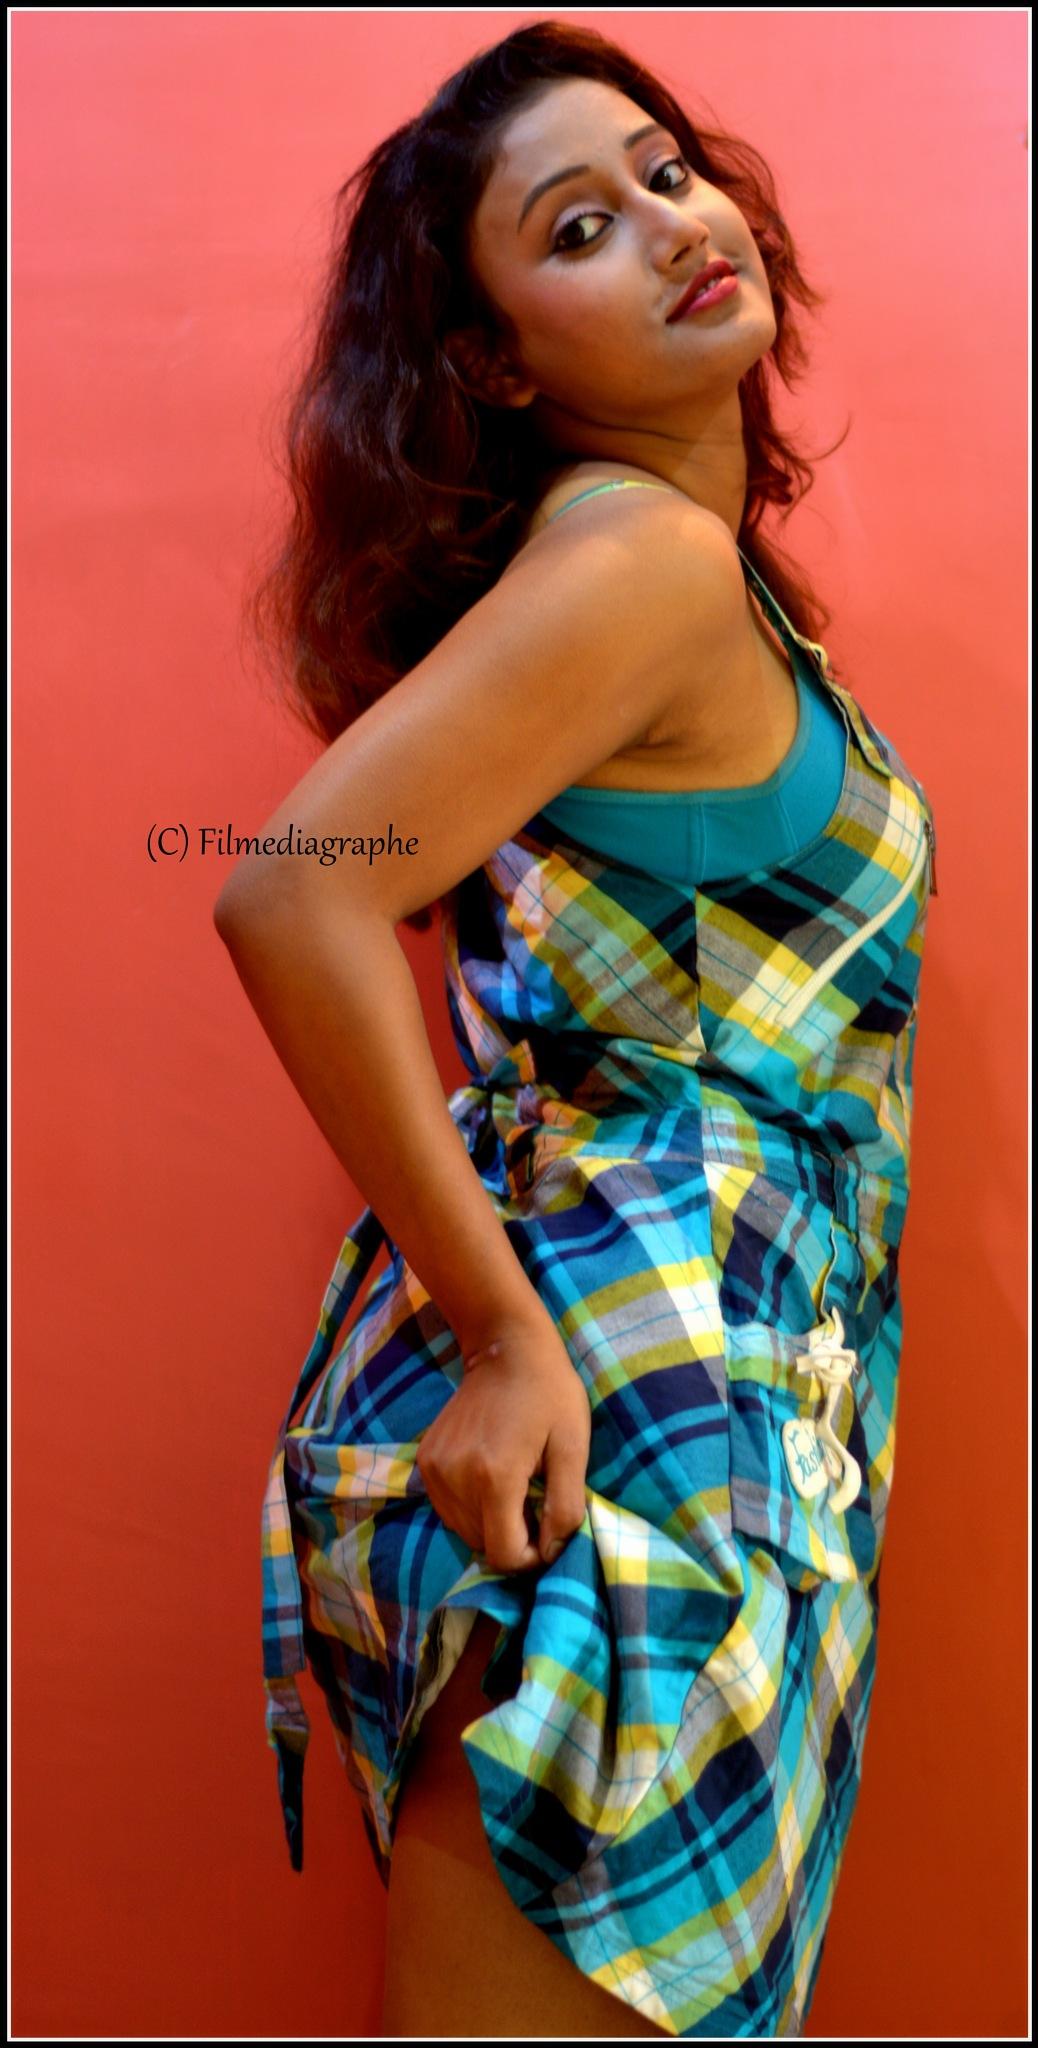 Aditi by Bhaskar Ghosh